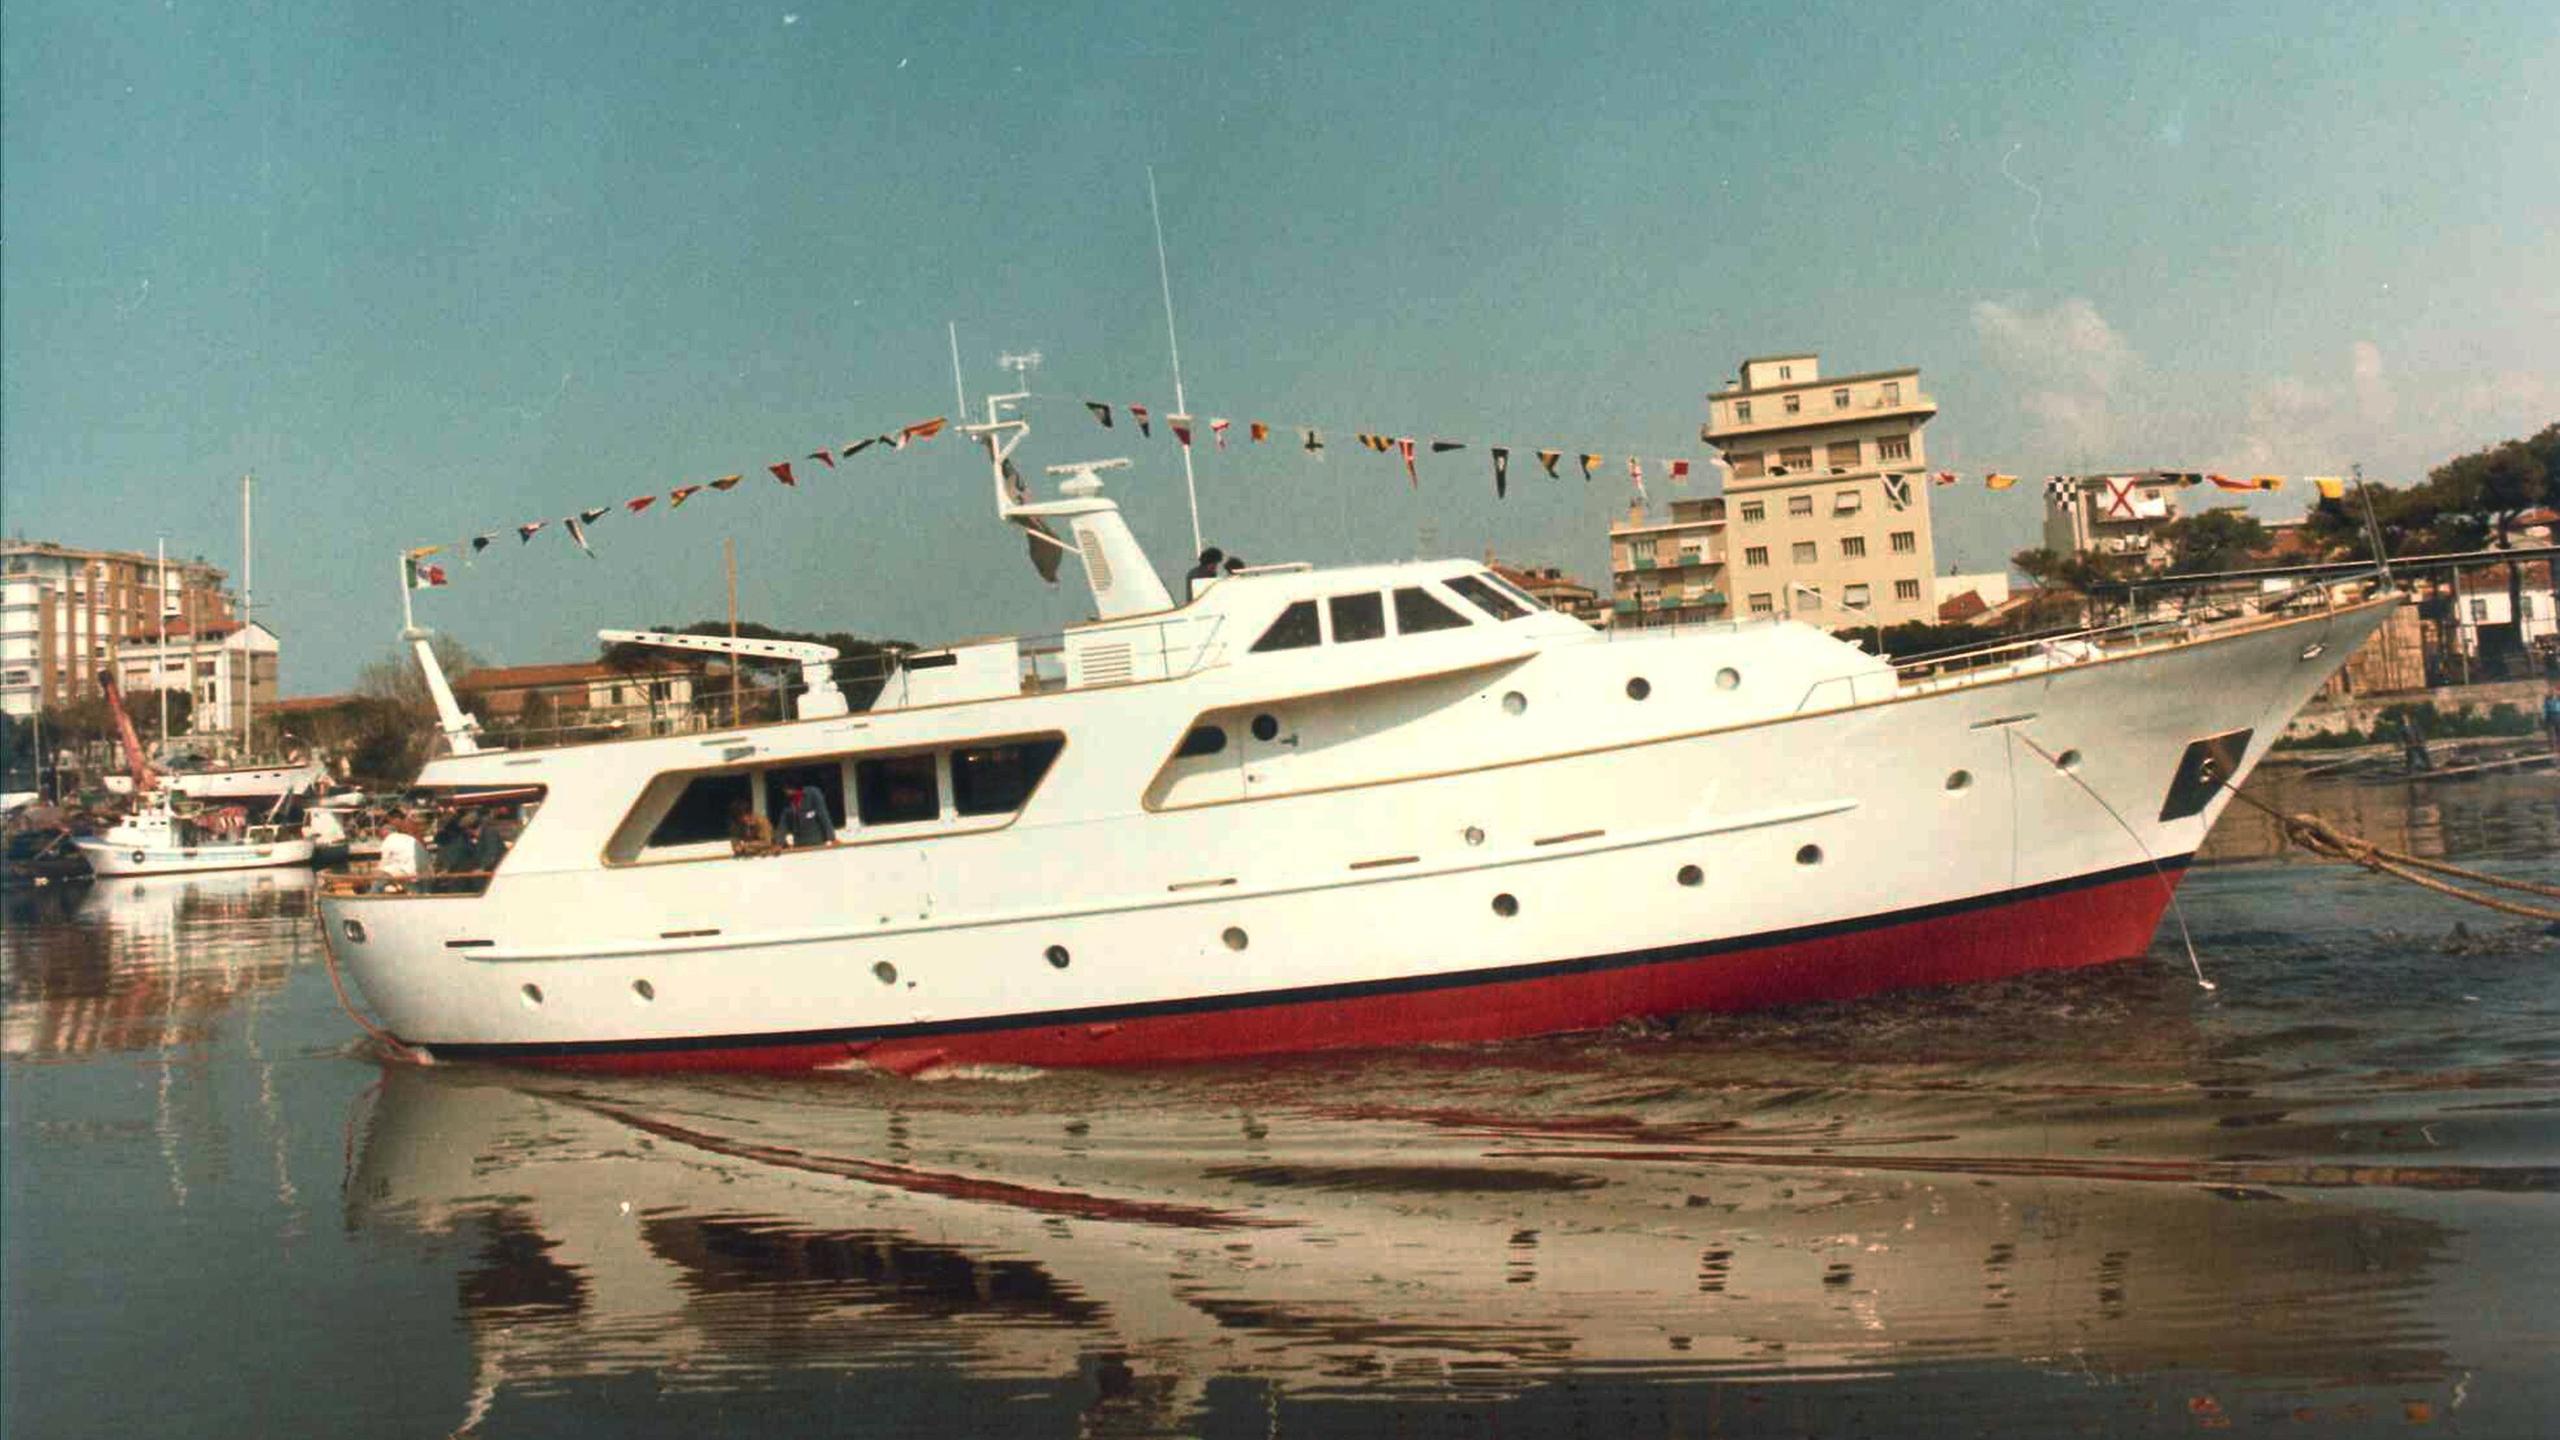 Balita yacht